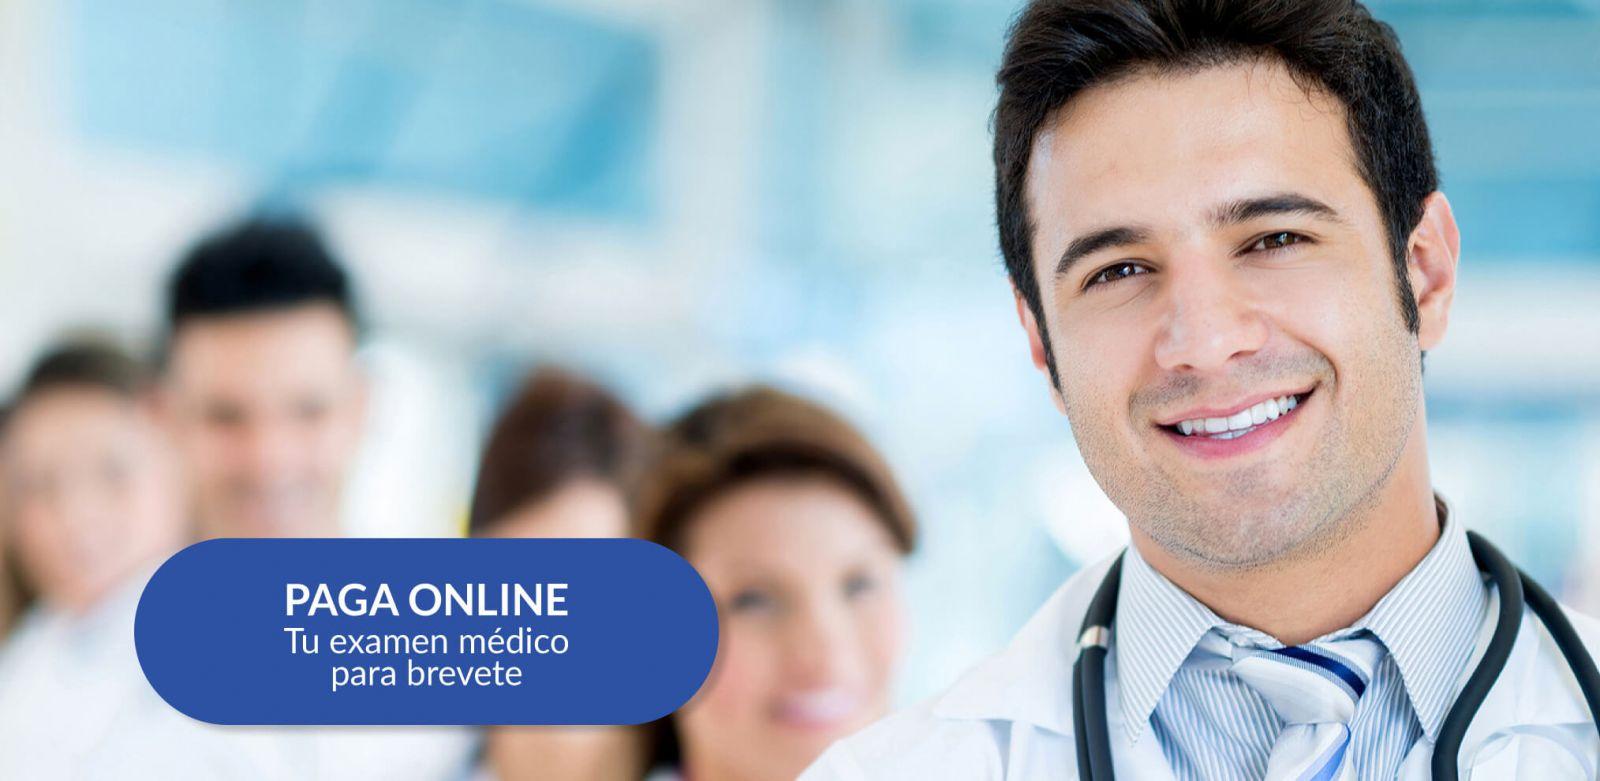 pago online examen medico brevete